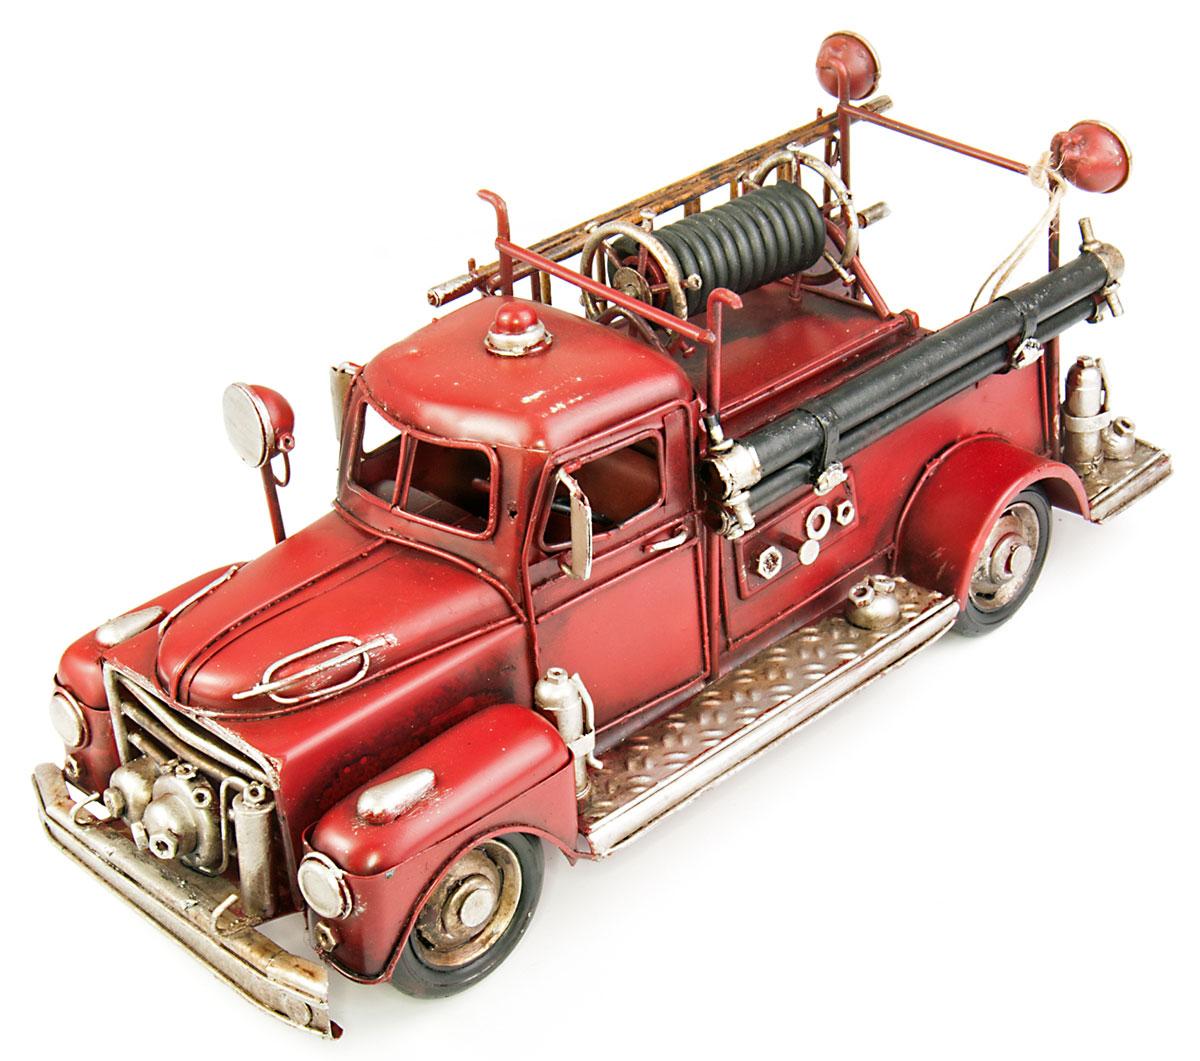 Модель Platinum Пожарная машина, с фоторамкой и копилкой. 1504E-51161504E-5116Модель Platinum Пожарная машина, выполненная из металла, станет оригинальным украшением интерьера. Вы можете поставить ретро-модель в любом месте, где она будет удачно смотреться. Изделие дополнено копилкой и фоторамкой, куда вы можете вставить вашу любимую фотографию. Качество исполнения, точные детали и оригинальный дизайн выделяют эту модель среди ряда подобных. Модель займет достойное место в вашей коллекции, а также приятно удивит получателя в качестве стильного сувенира.